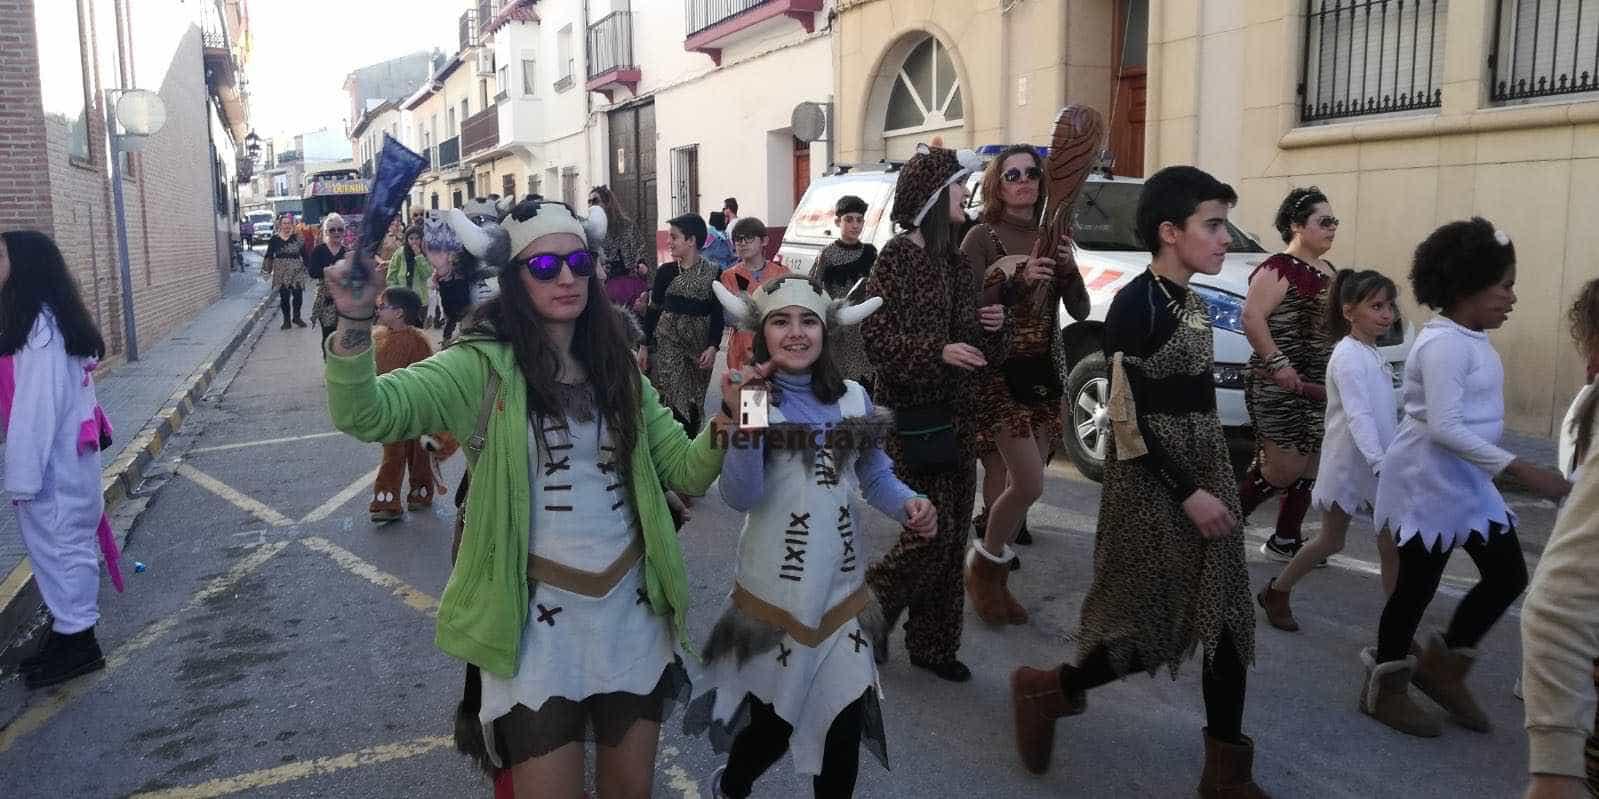 Carnaval herencia 2020 pasacalles domingo deseosas 27 - El Domingo de las Deseosas invita a todo el mundo al Carnaval de Herencia